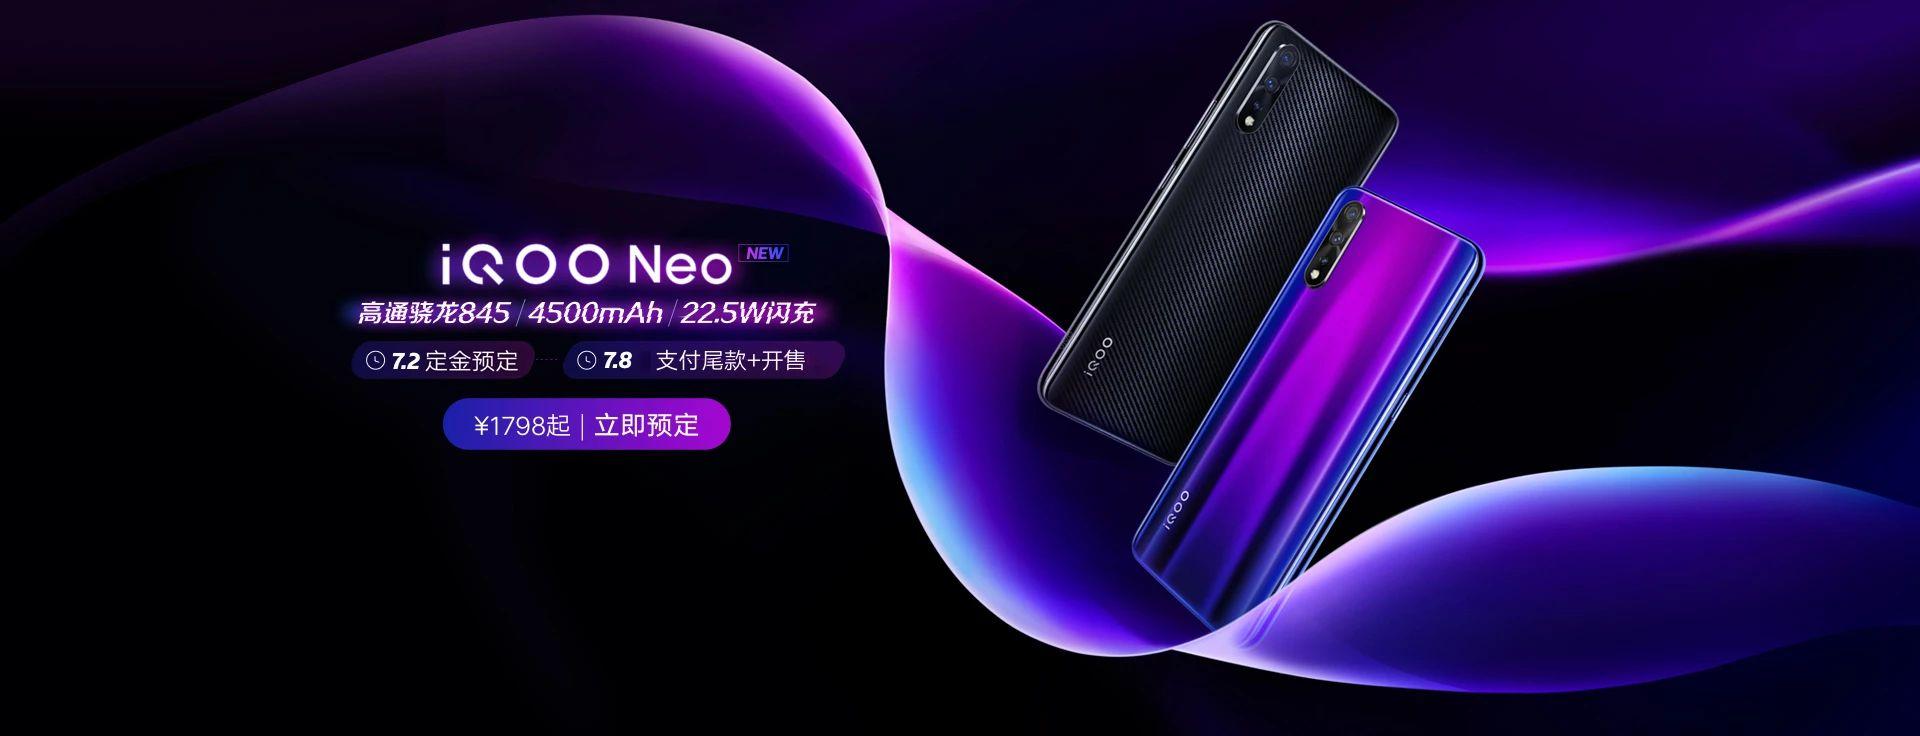 smartfon Vivo iQOO Neo